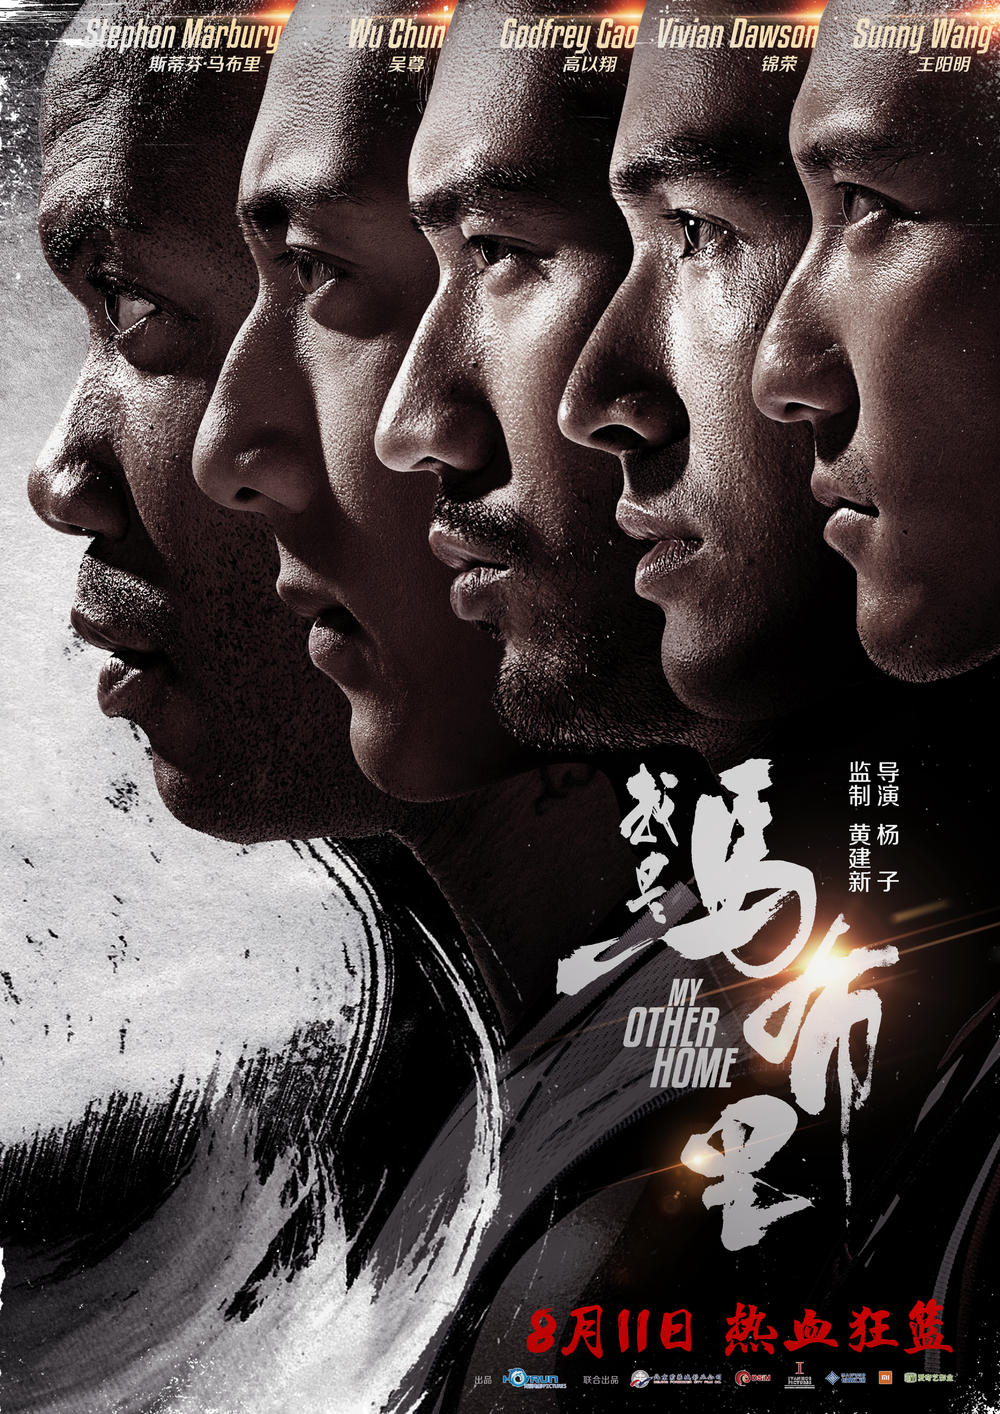 《我是马布里》:热血+温情,独狼涅槃 - 狐狸·梦见乌鸦 - 埋骨之地